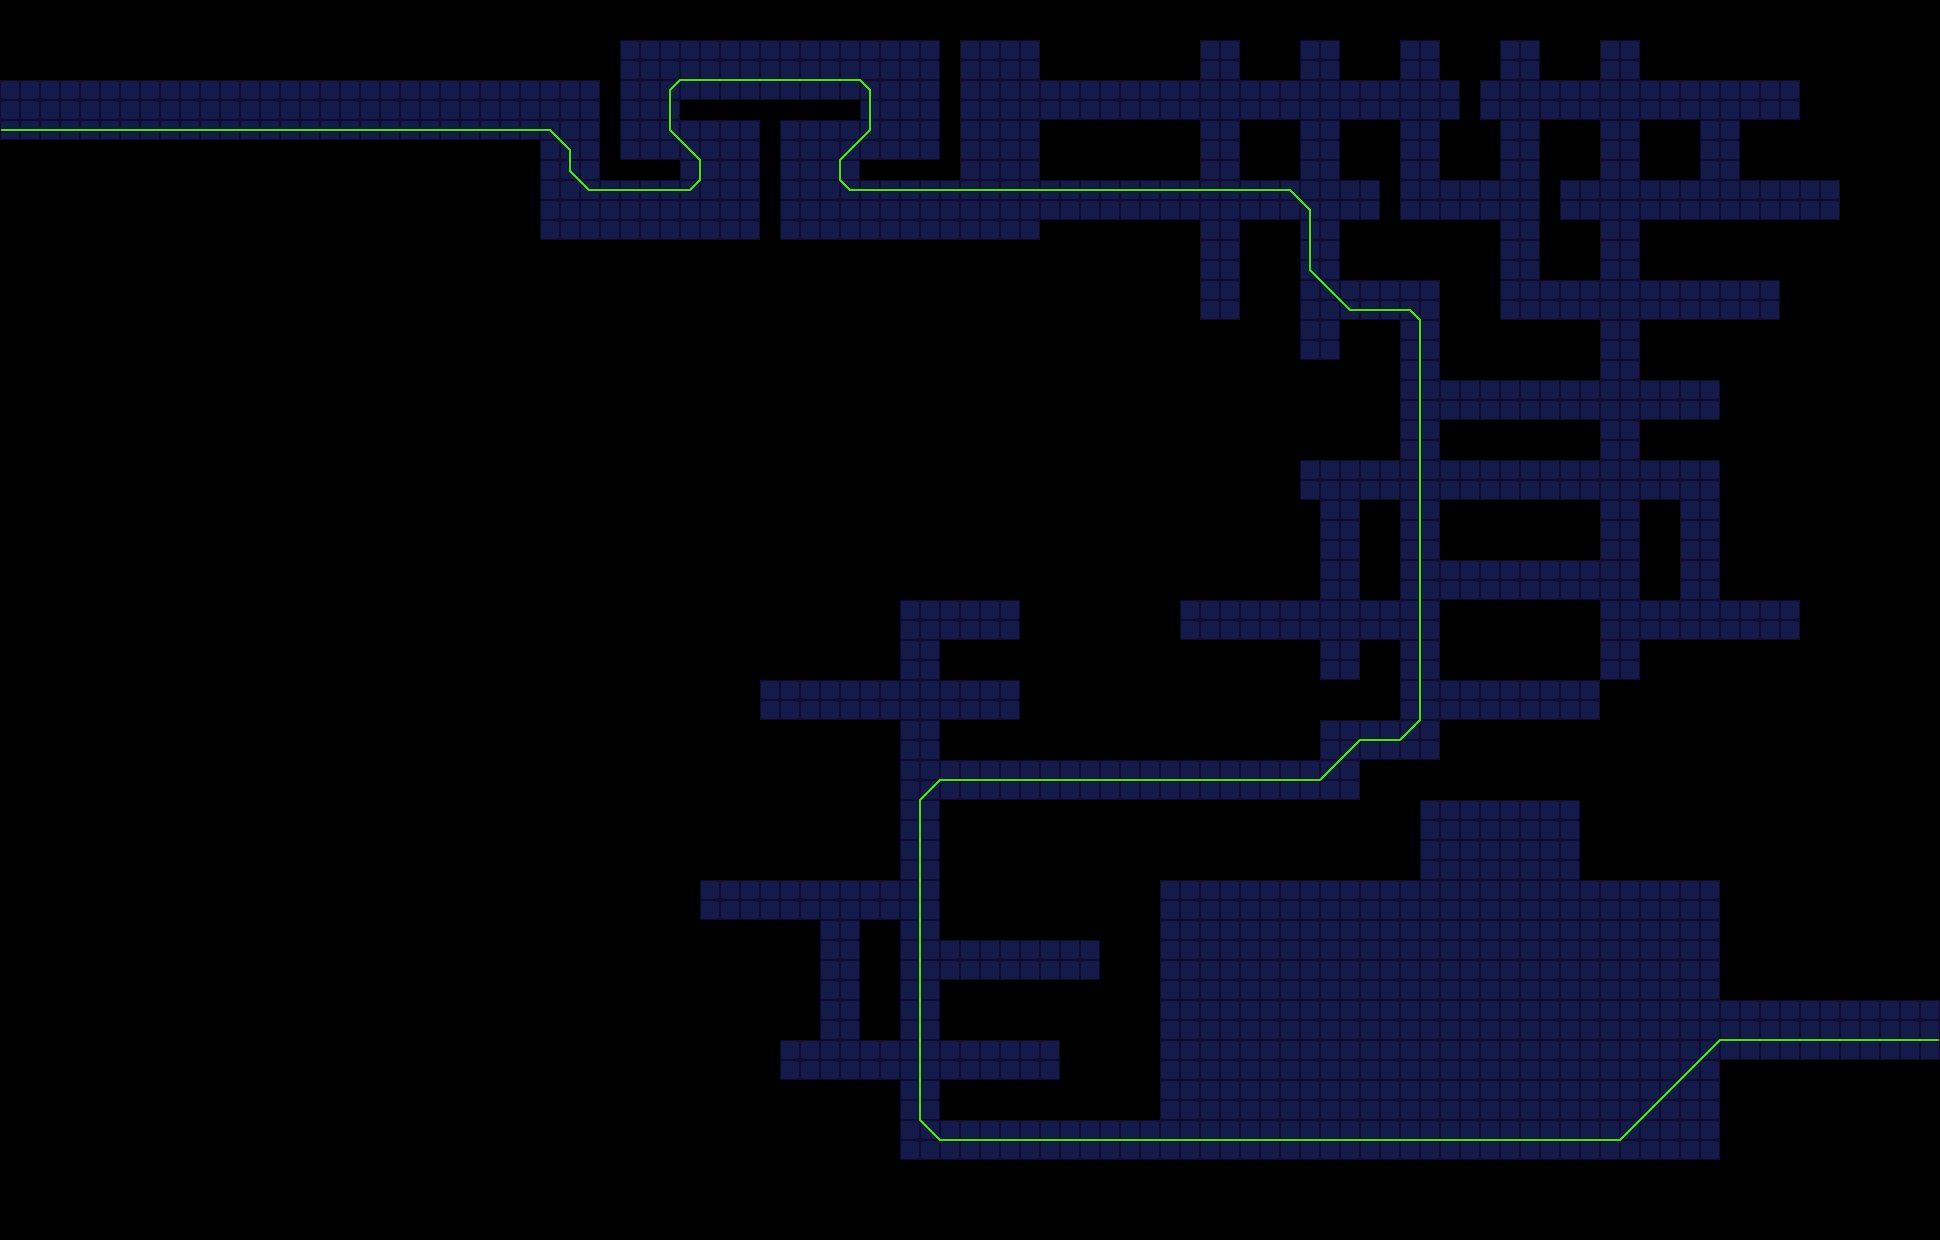 картинки андертейл карта подземелья девочку-коррелу новую